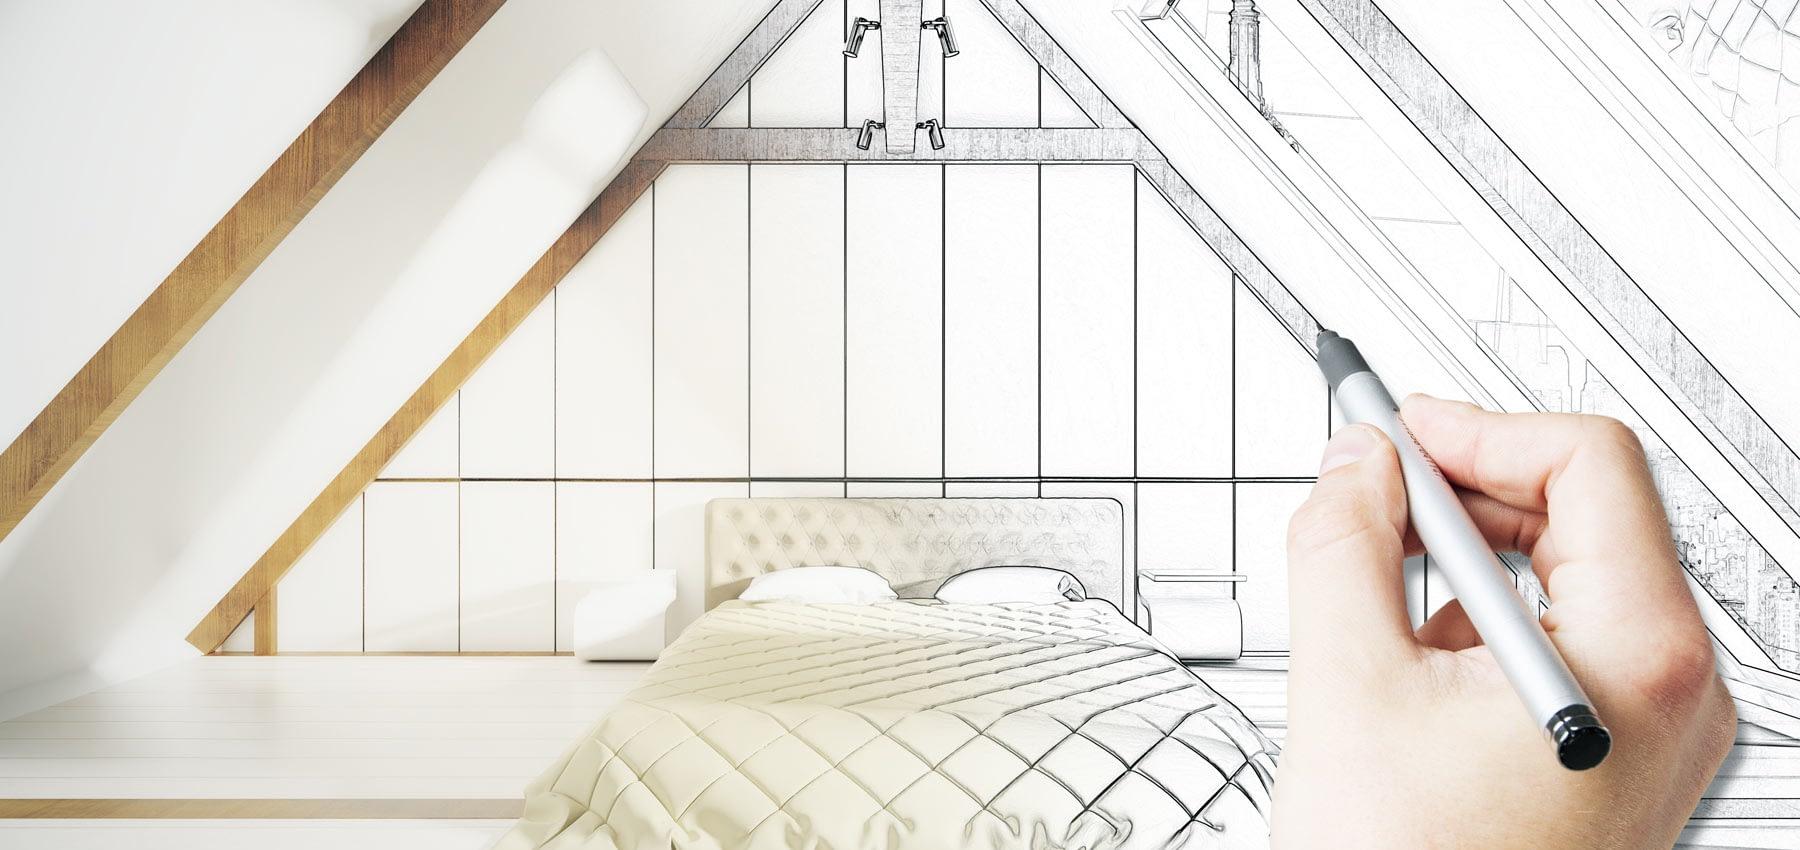 Bedroom sketch design